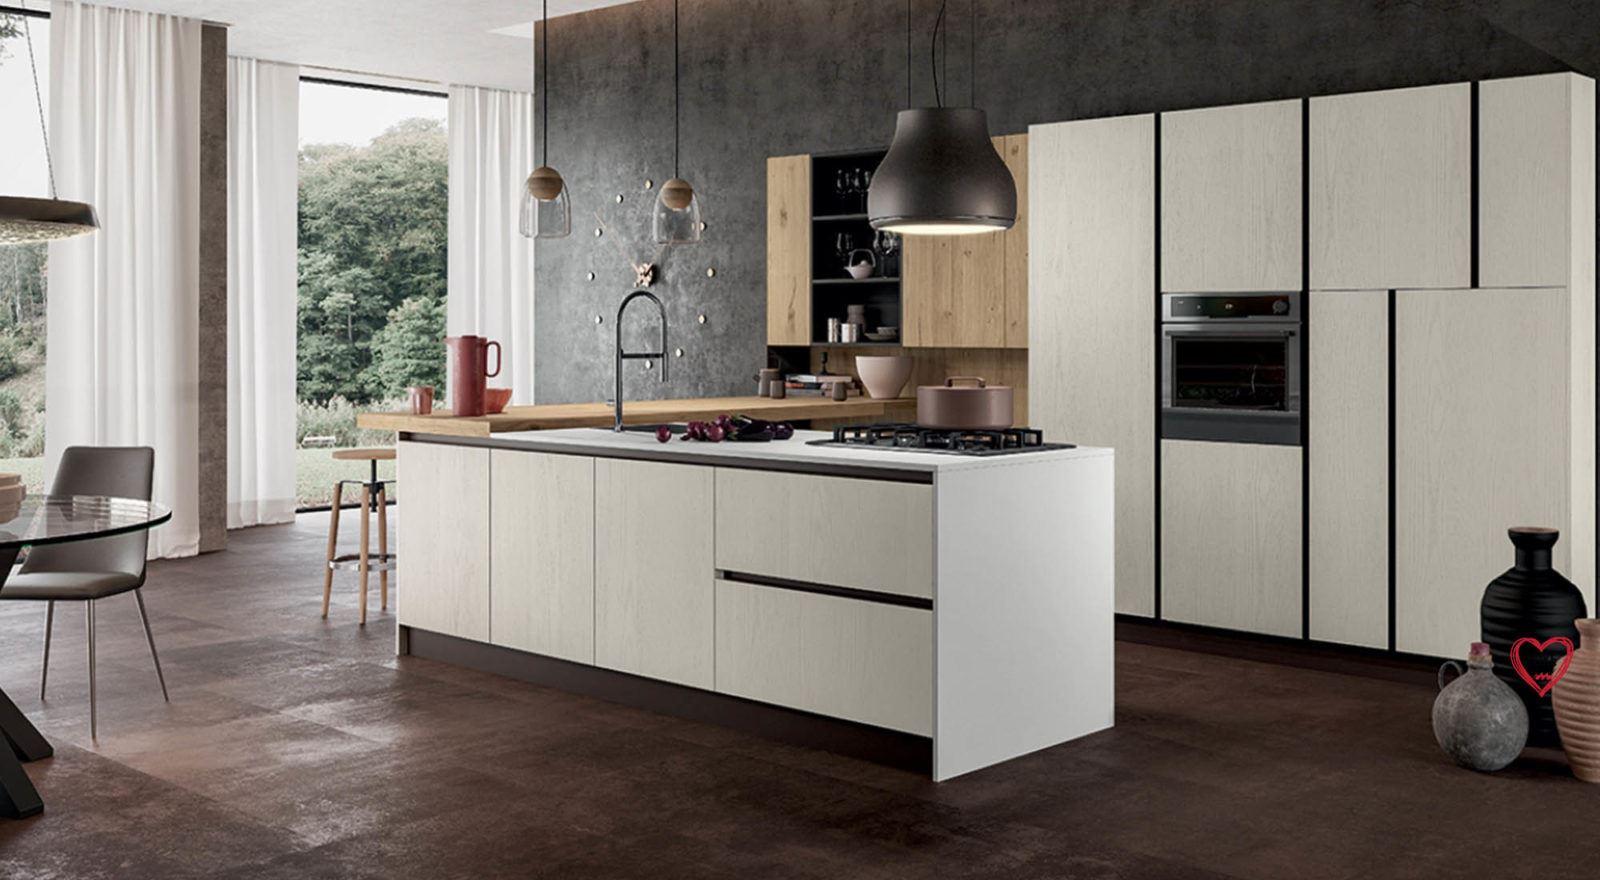 Mobili Per Cucina Piccola cucine piccole moderne e componibili. arredo cucina piccola